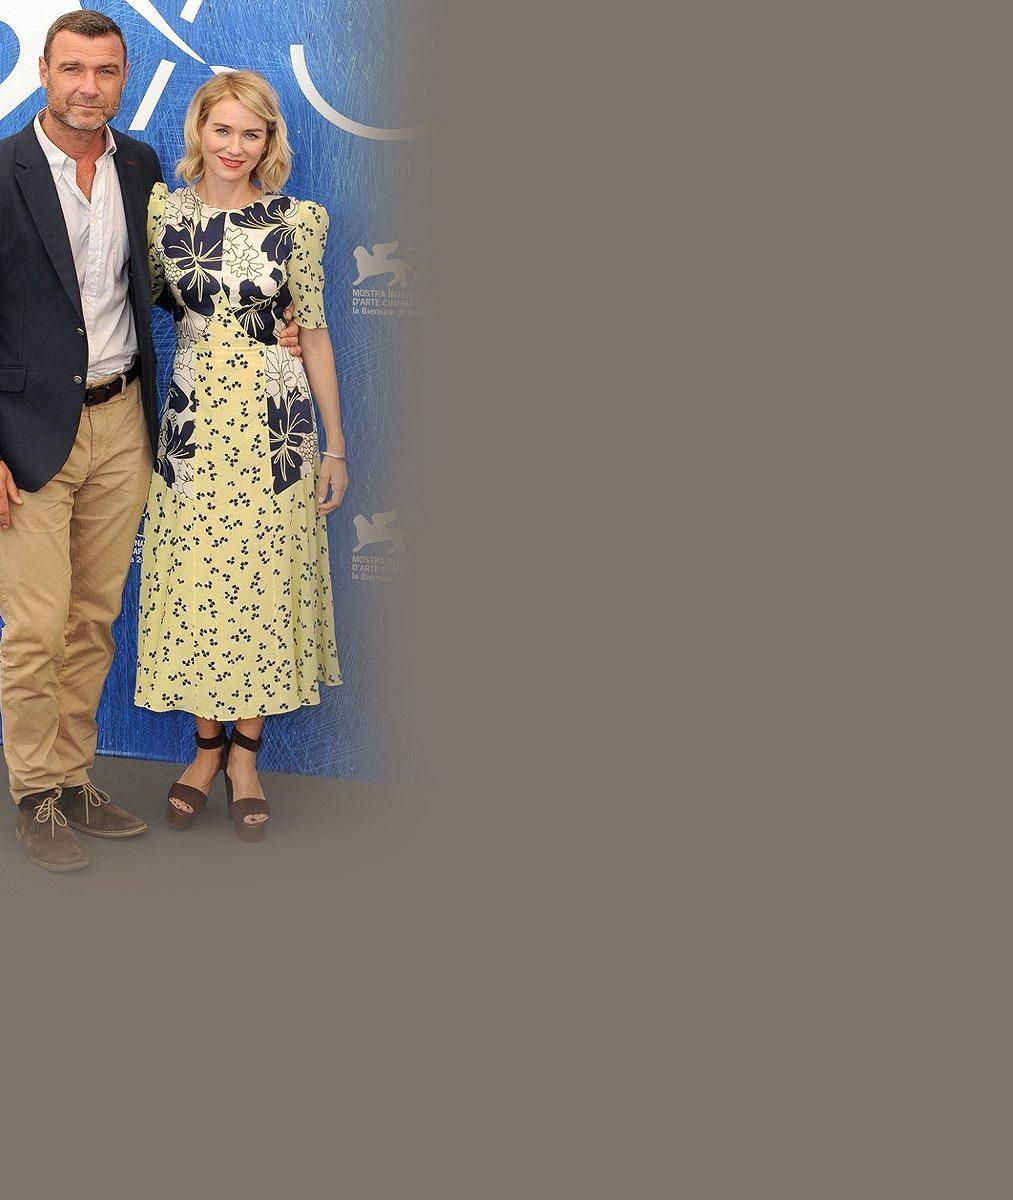 Inspirace Brangelinou? Slavný herecký pár oznámil po 11 společných letech rozchod